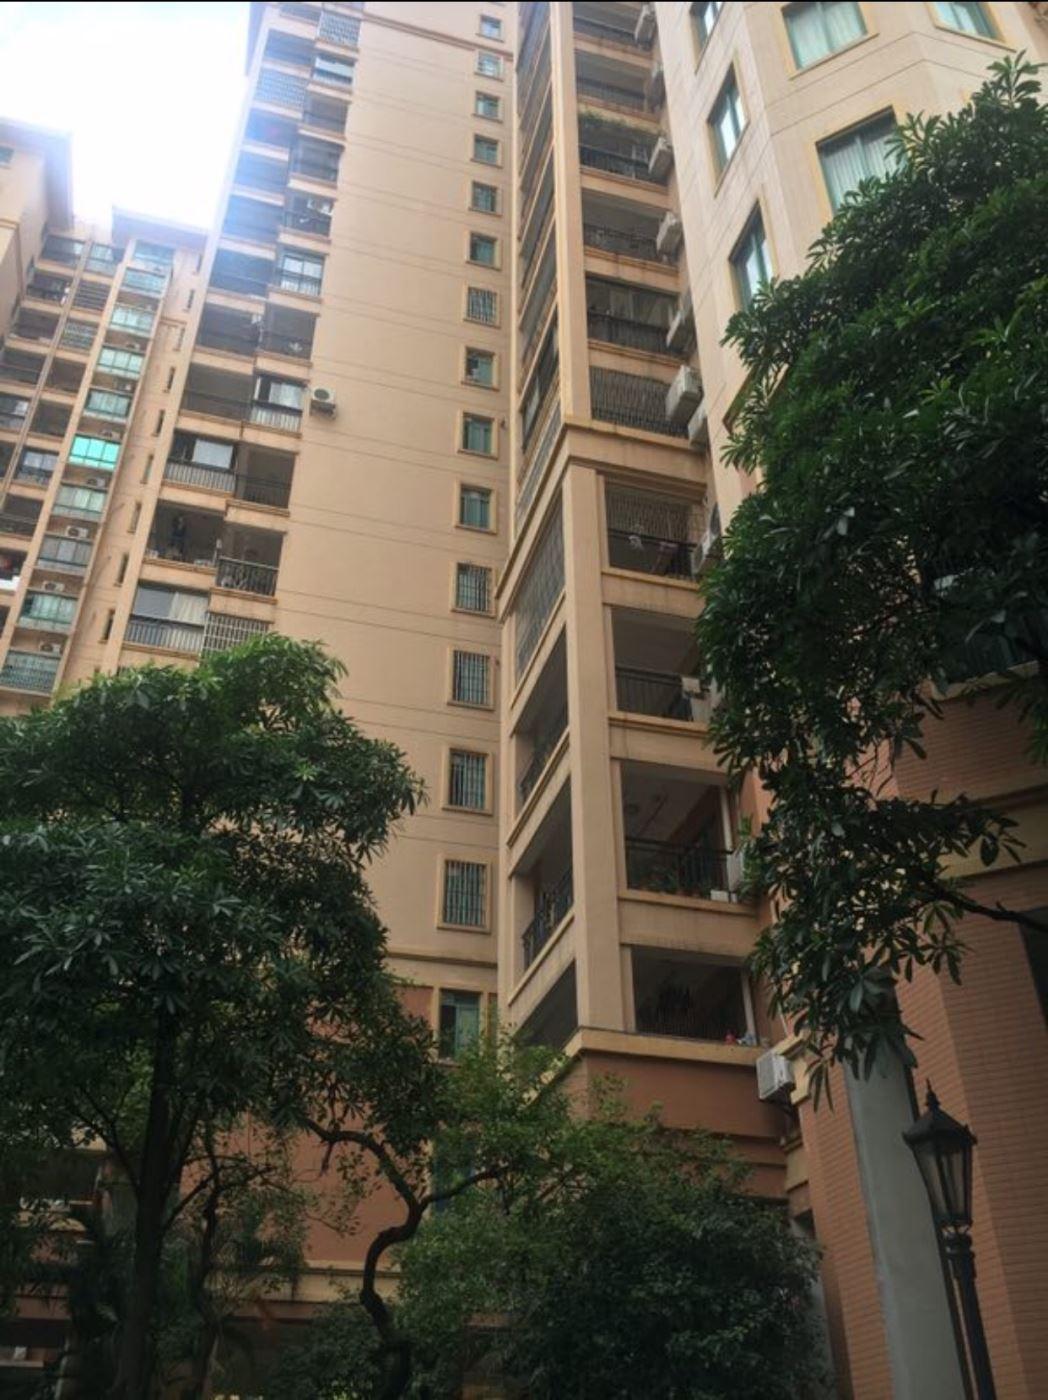 凤山水岸 3000元 3室3厅2卫 豪华装修,家具电器齐